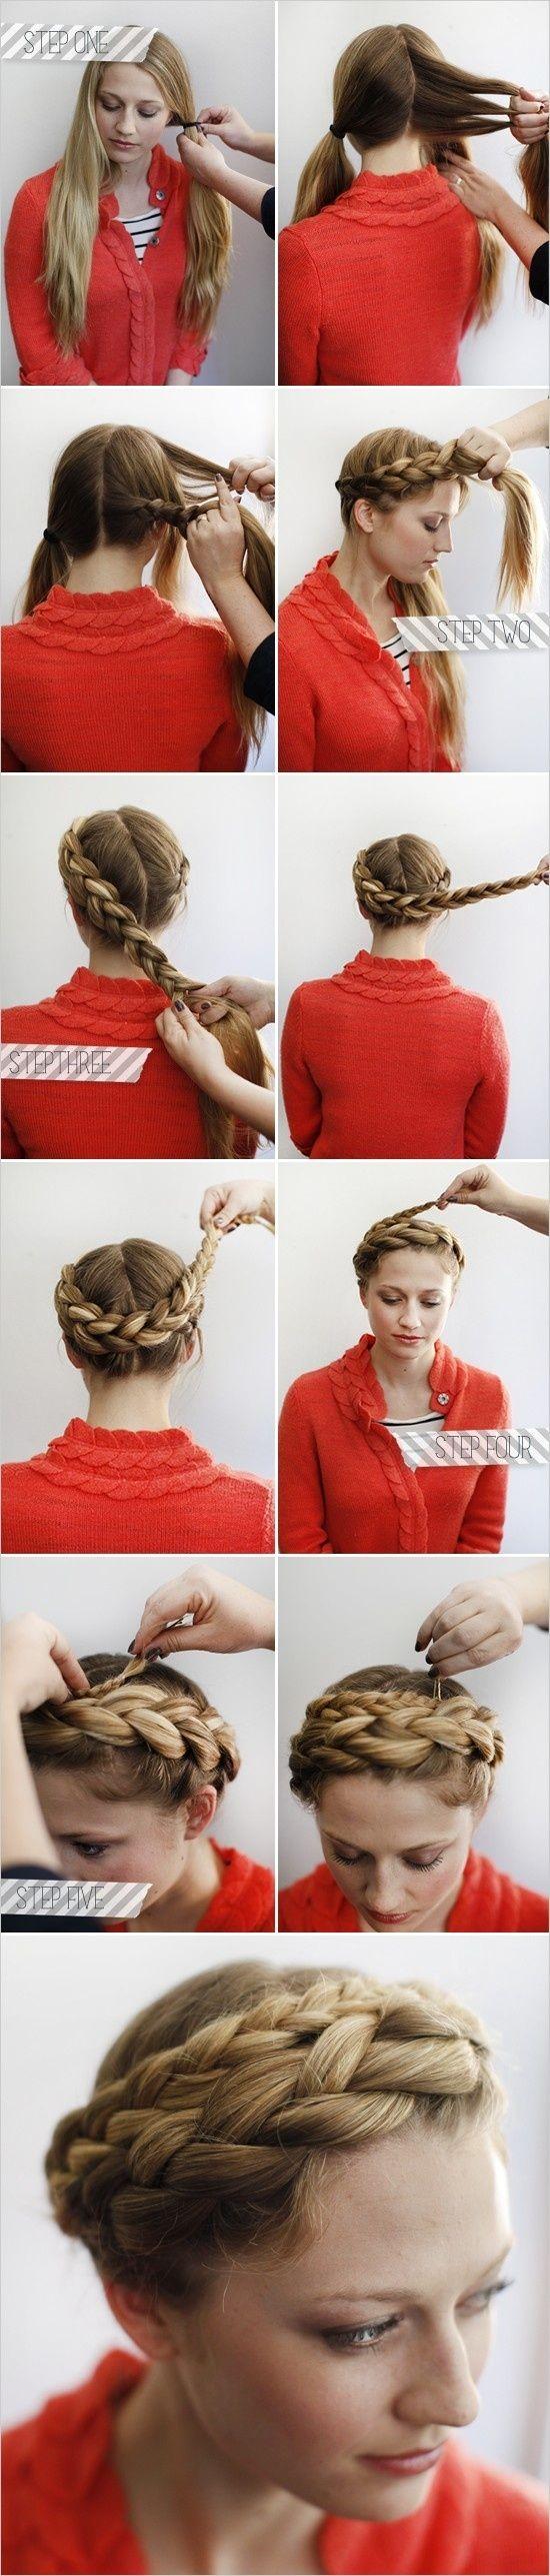 braid halo, hair style by HananhX